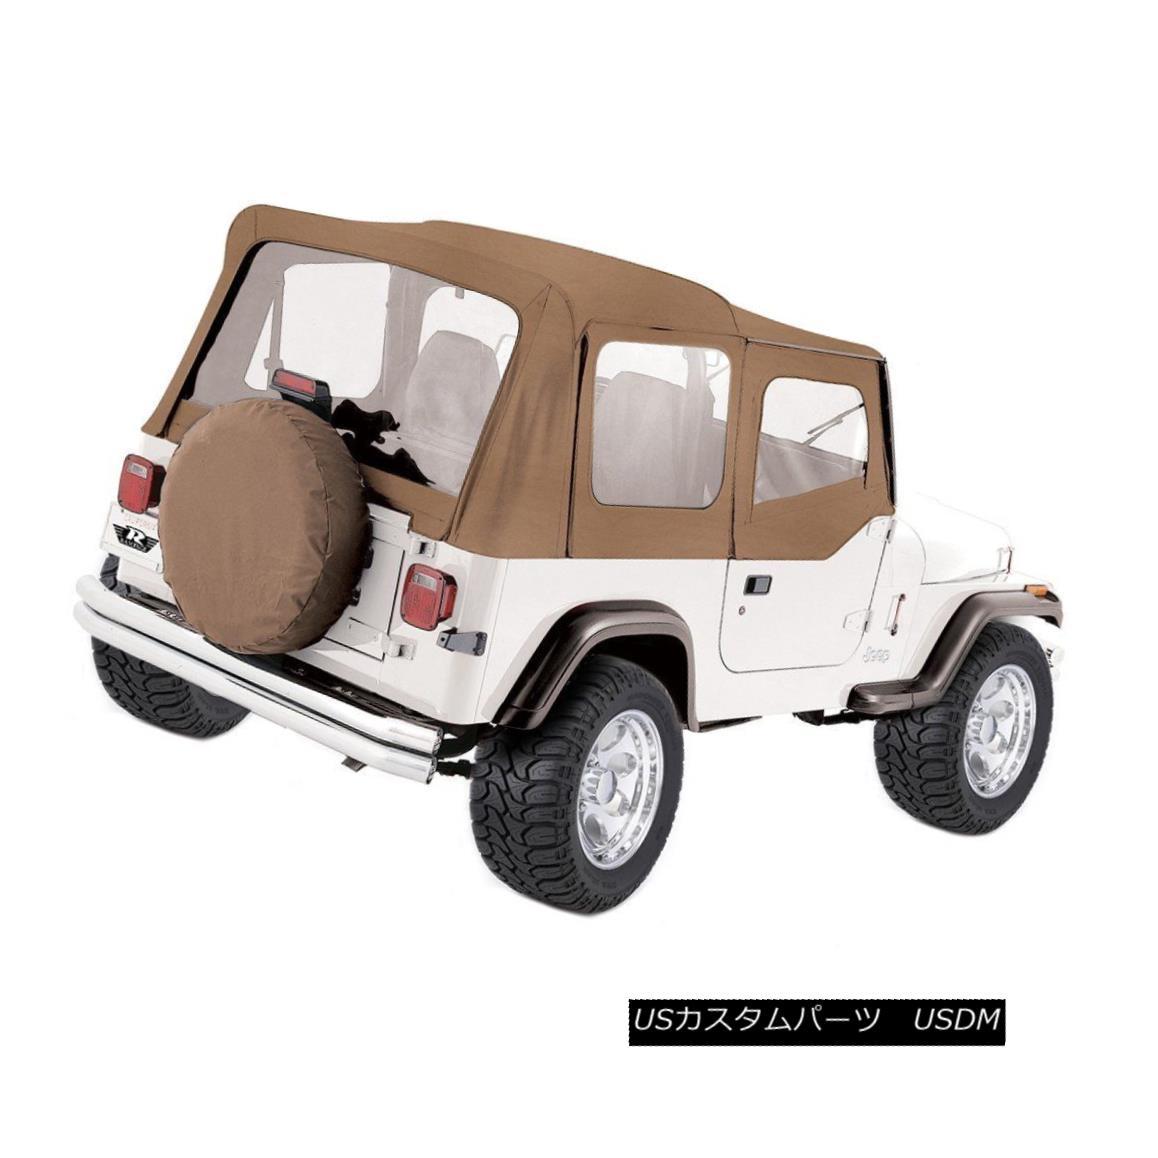 幌・ソフトトップ Rampage 99617 Soft Top For 87-95 Jeep Wrangler (YJ) Rampage 99617ソフトトップ(87-95用)ジープラングラー(YJ)